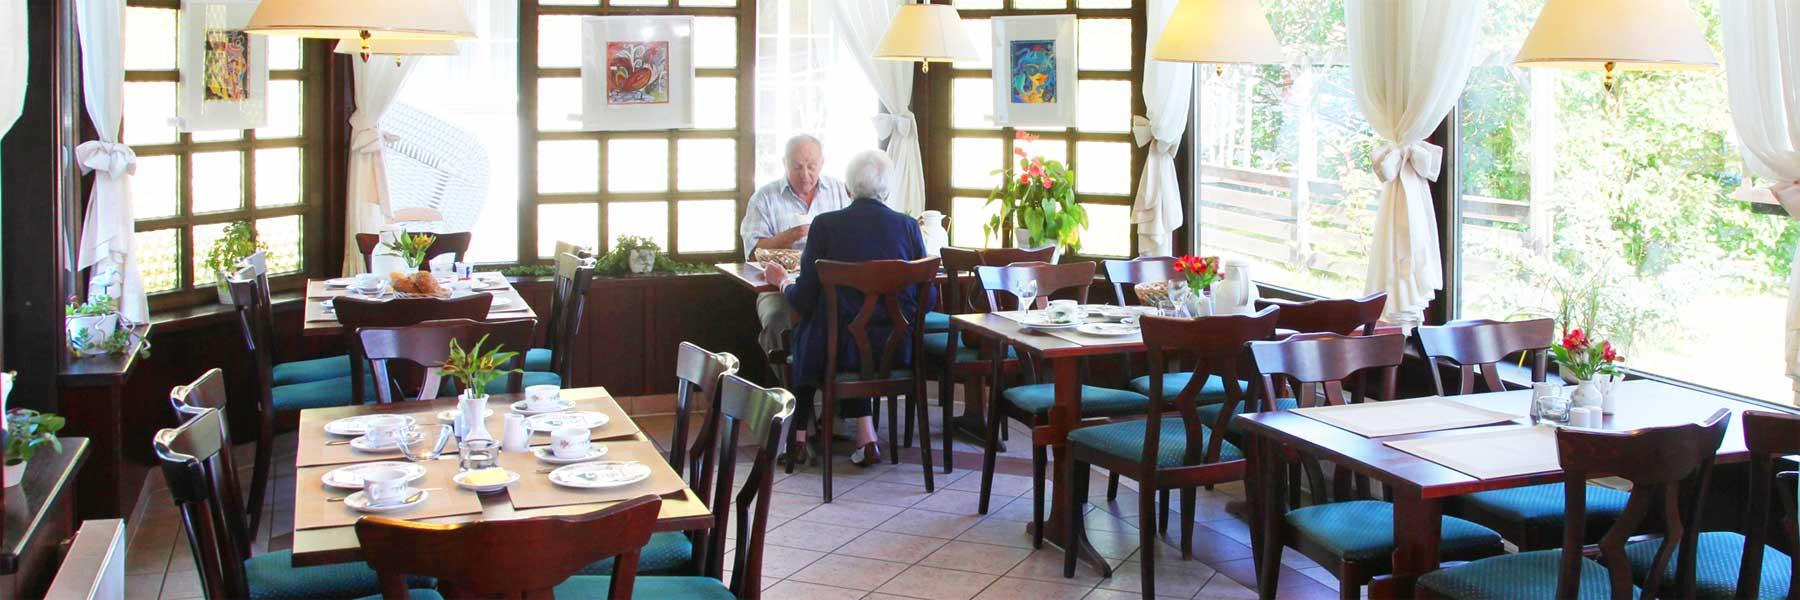 Restaurant - Caféstübchen und Pension Witt